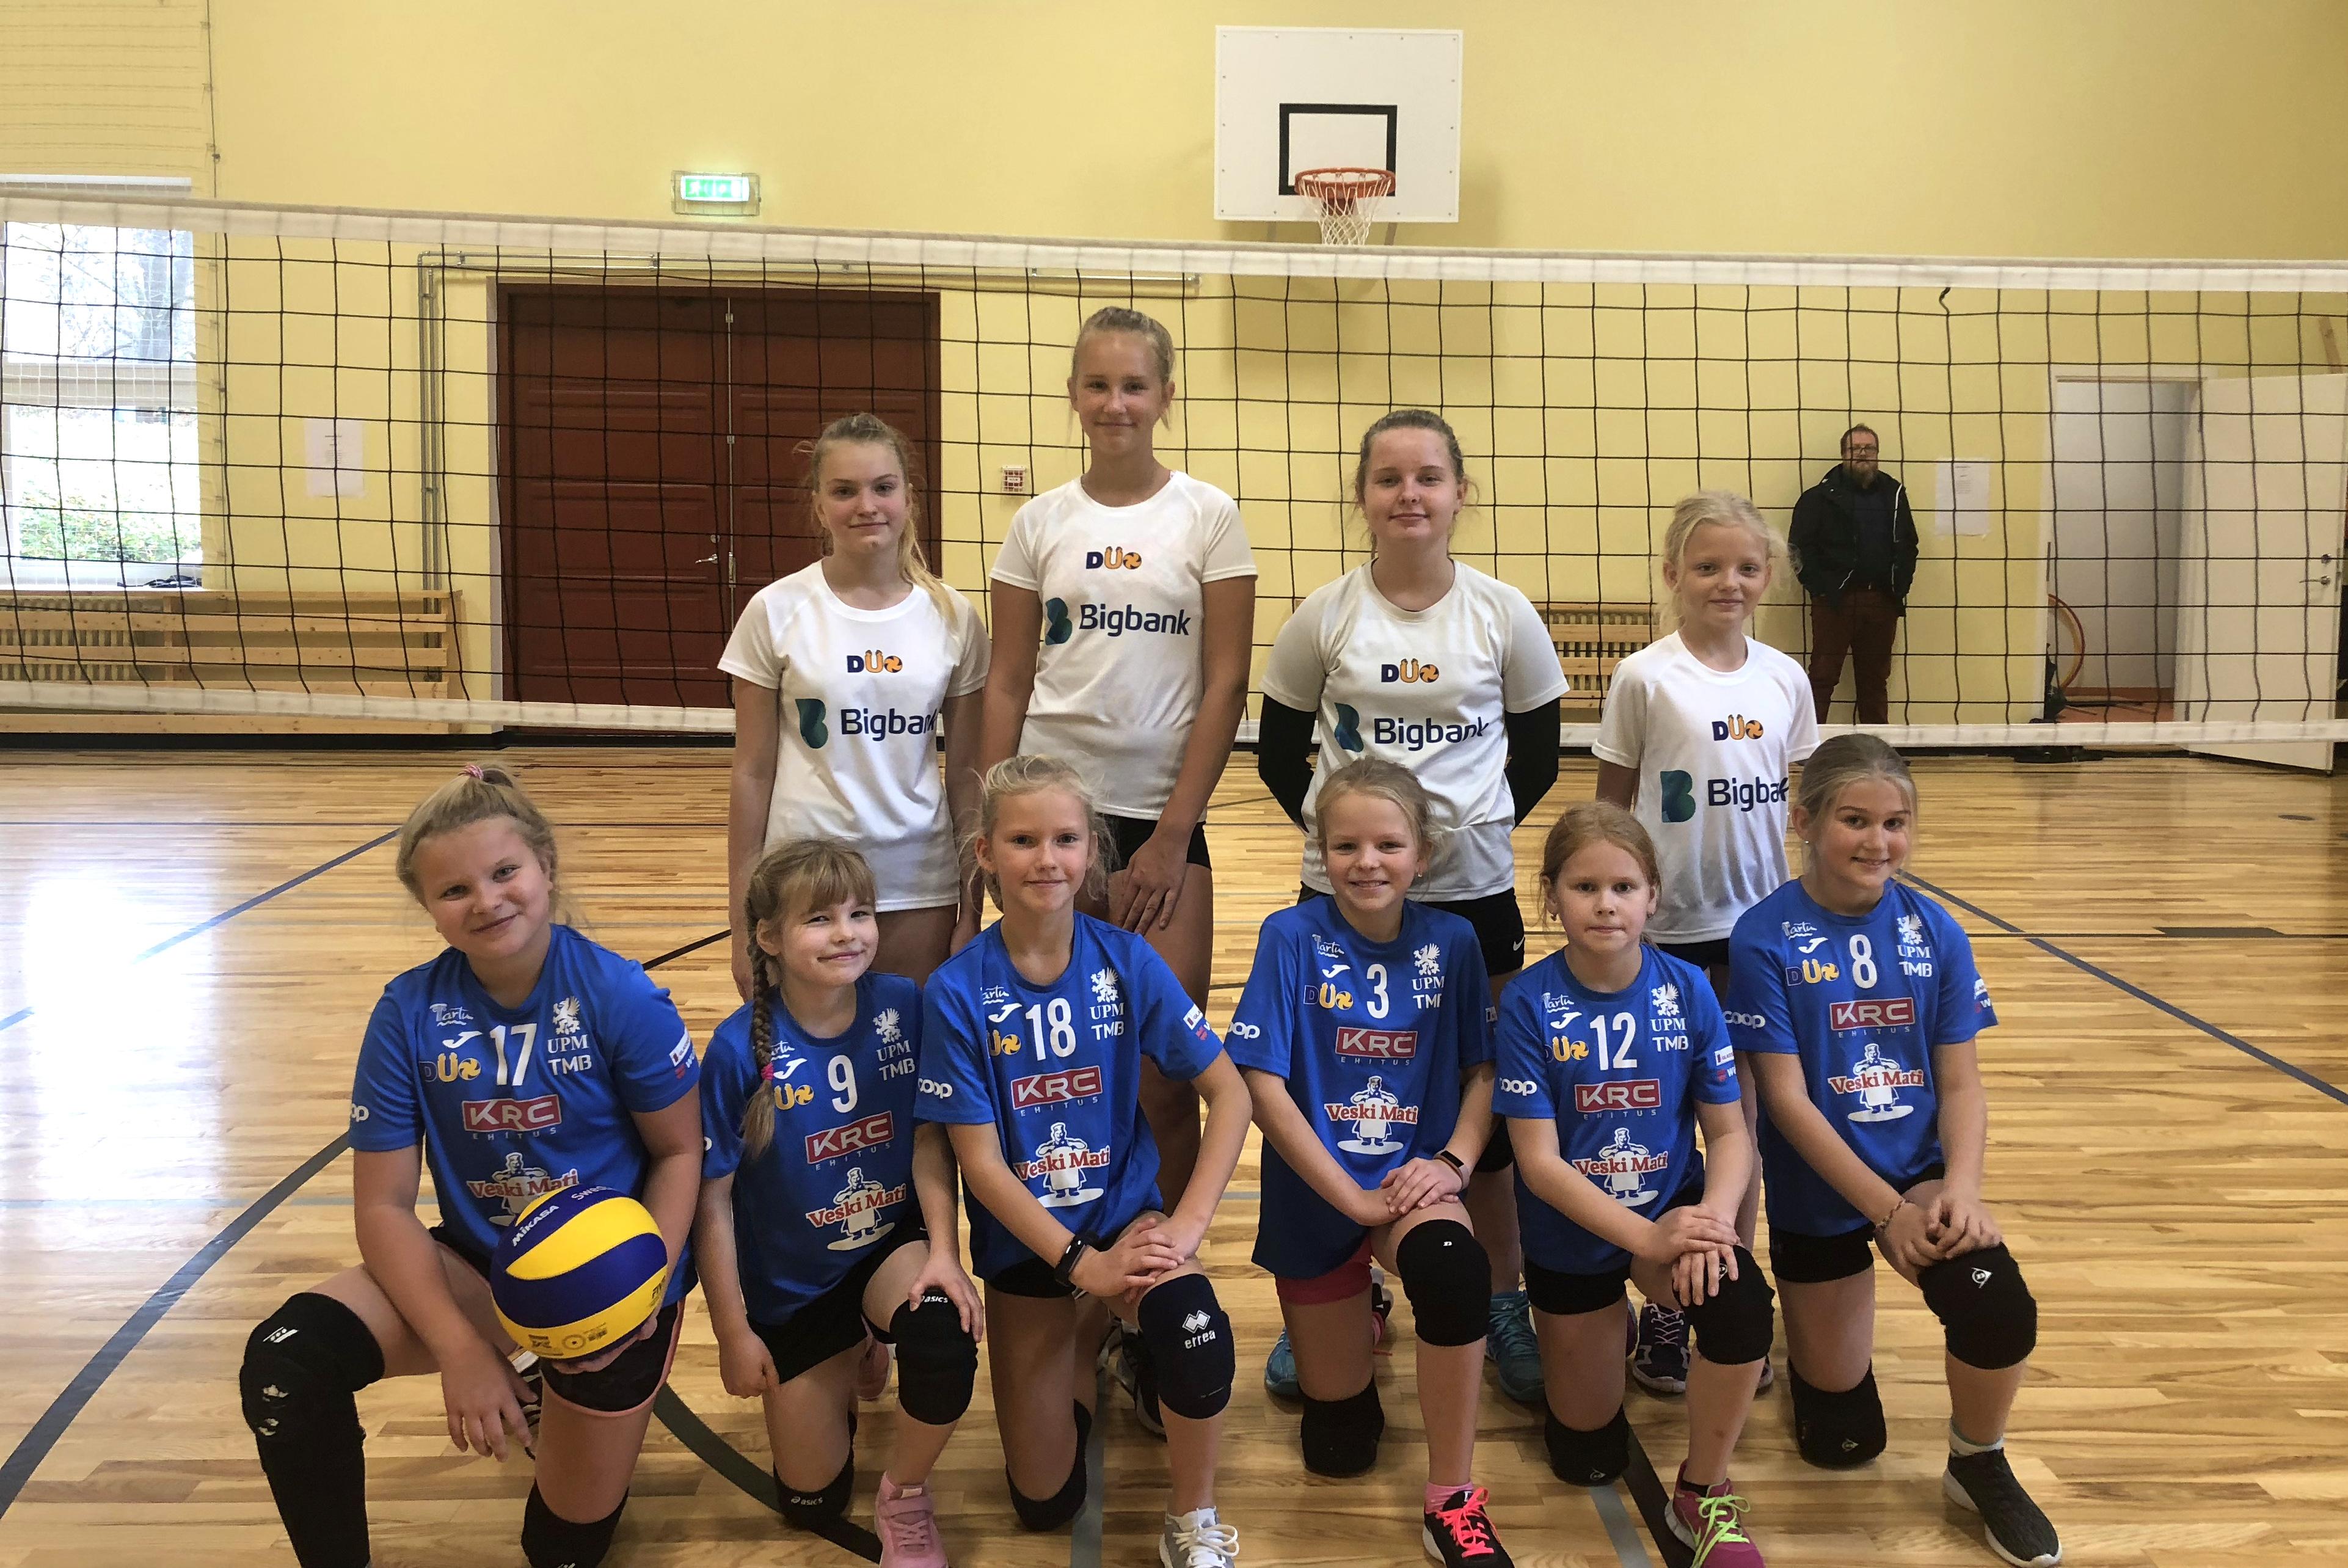 Olerex/Veski Mati U12 ja U14 tüdrukud sisustasid koolivaheaja sportlikult!